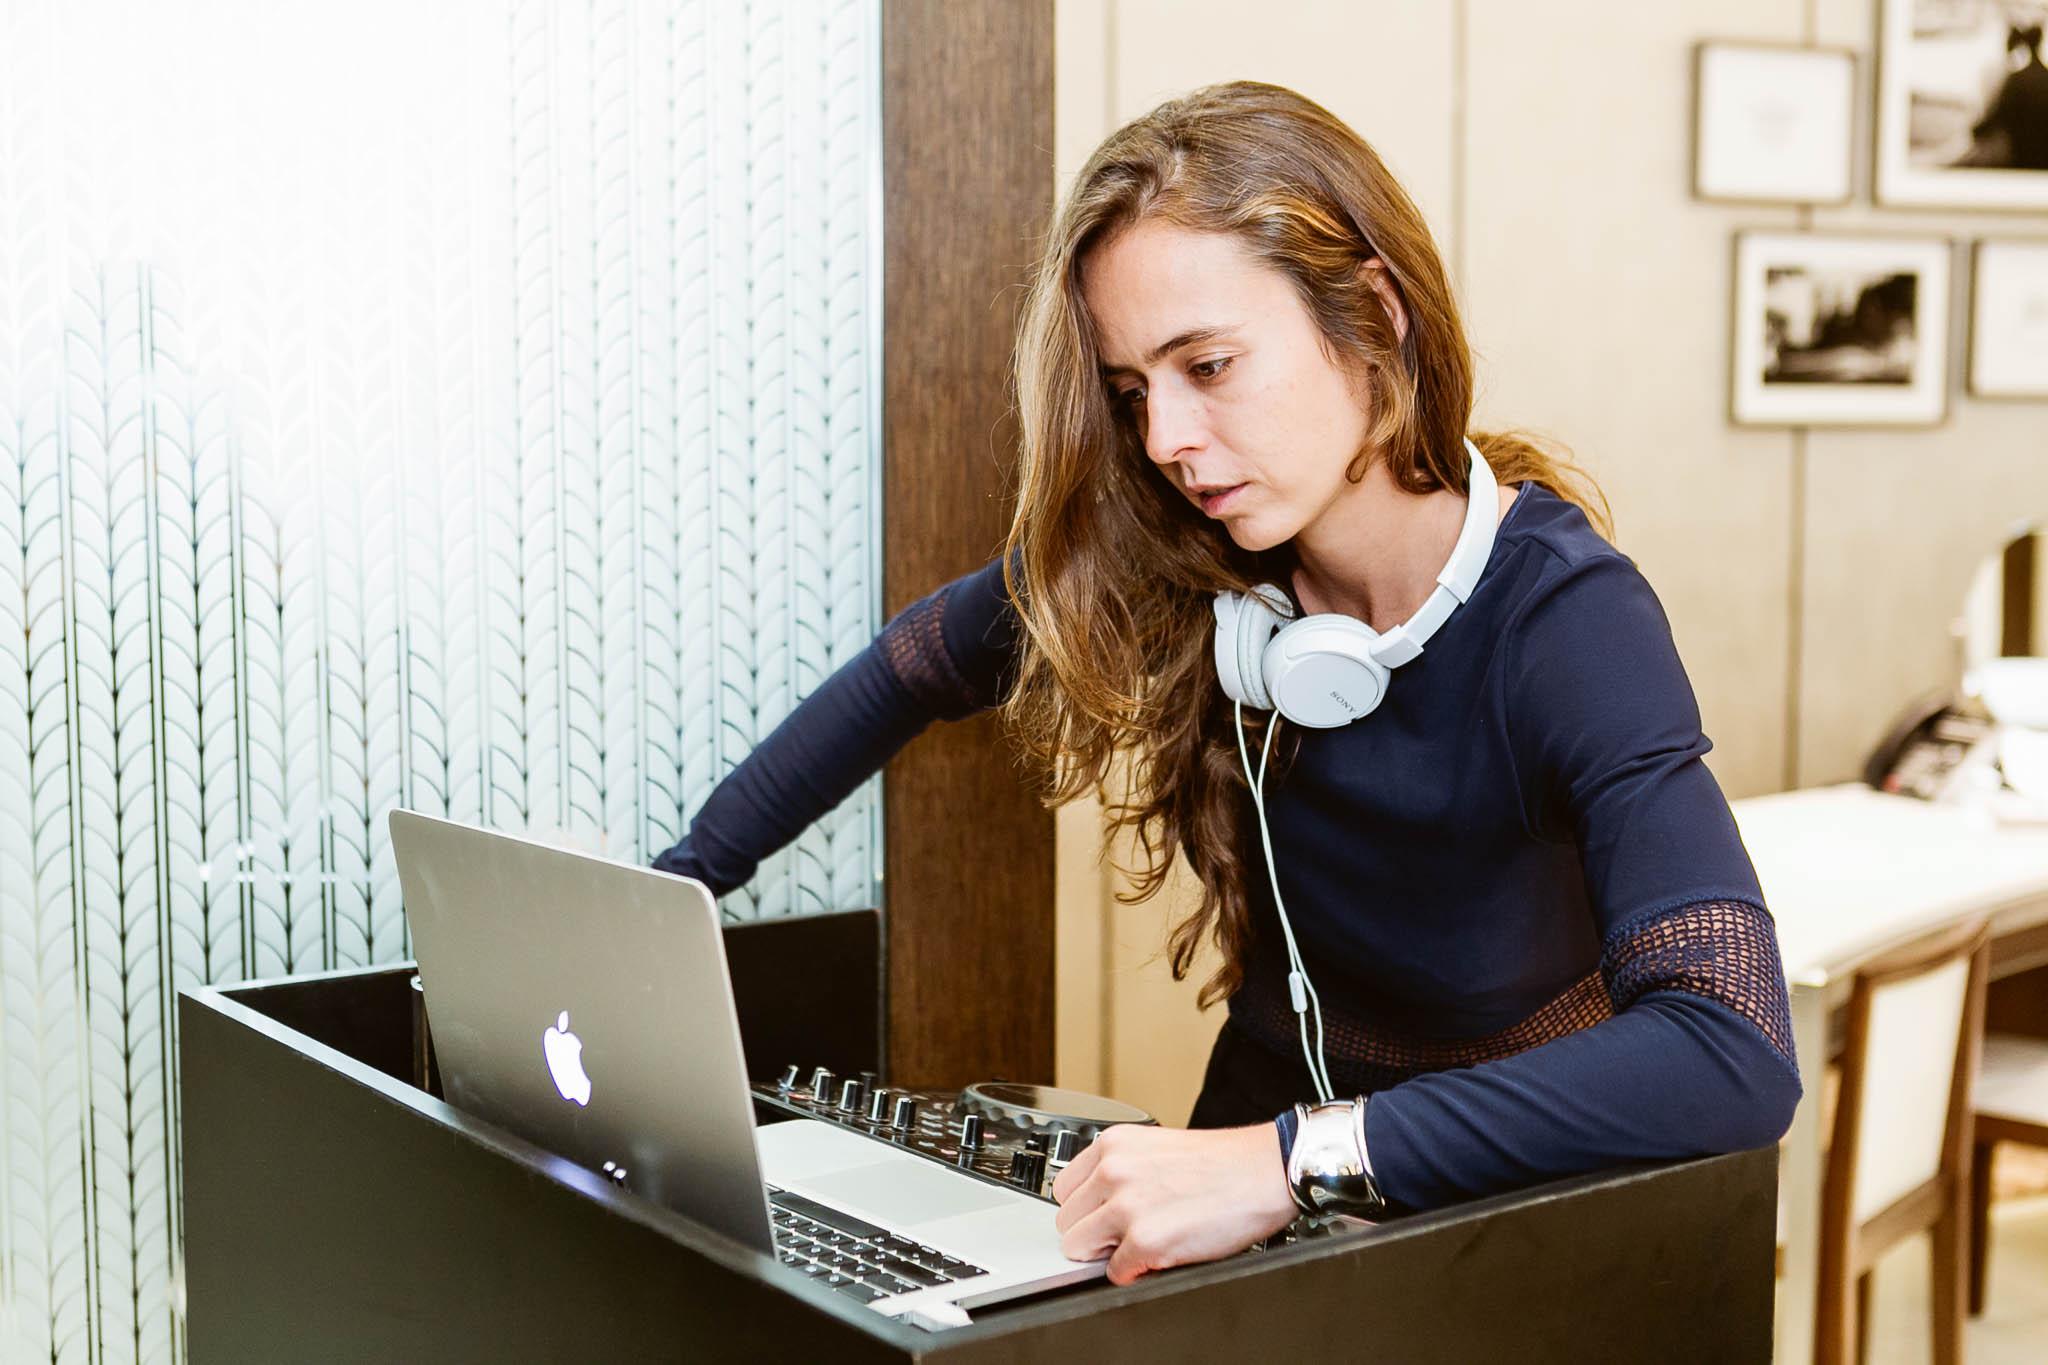 DJ Rosana Rodini